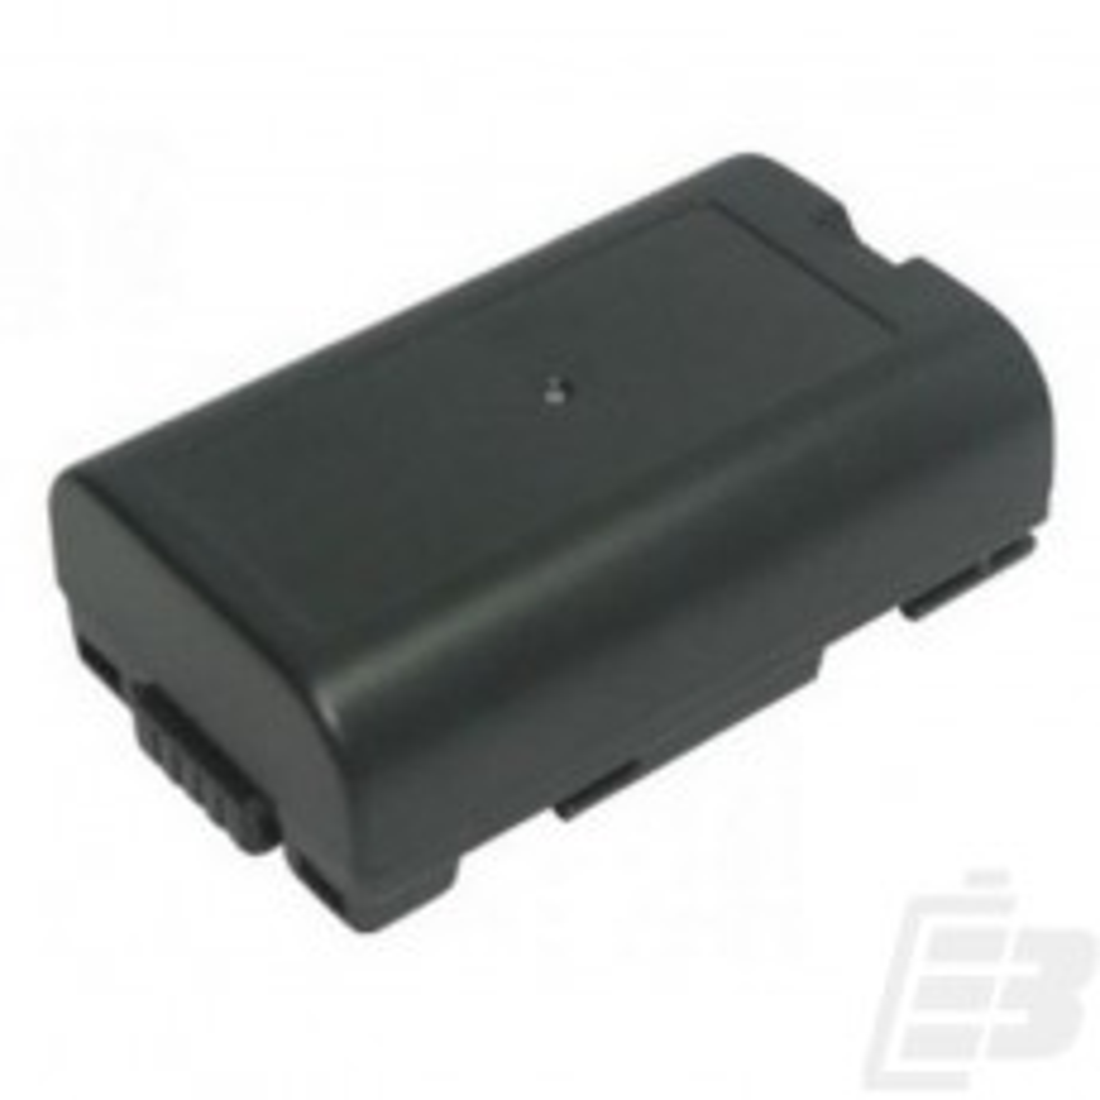 Μπαταρία βιντεοκάμερας Hitachi DZ-BP14_1